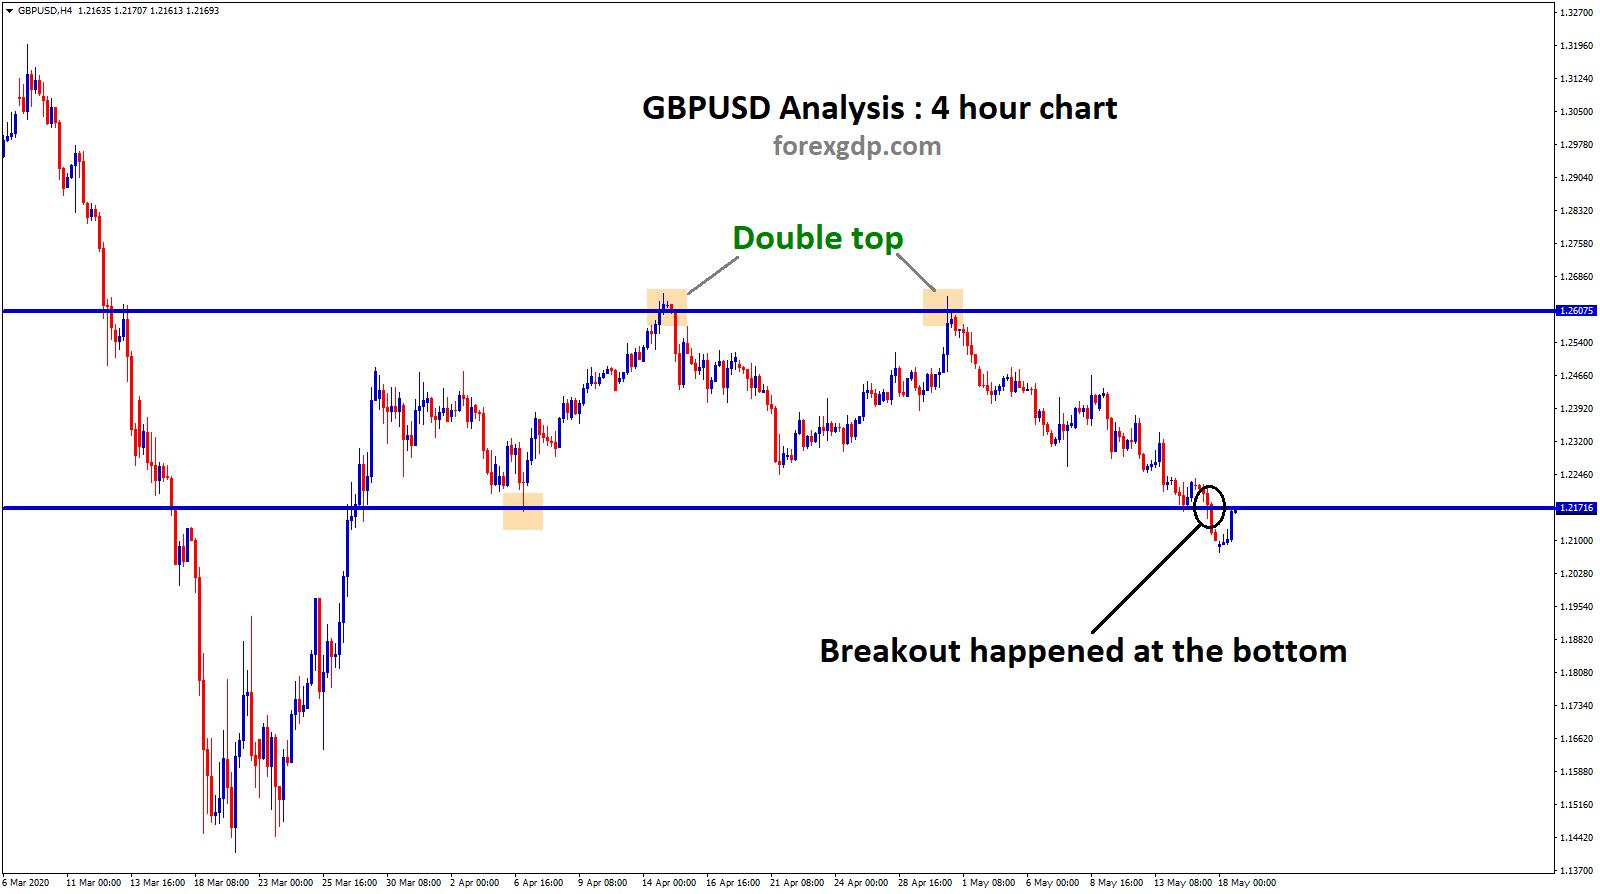 Double top in GBPUSD broken the bottom zone